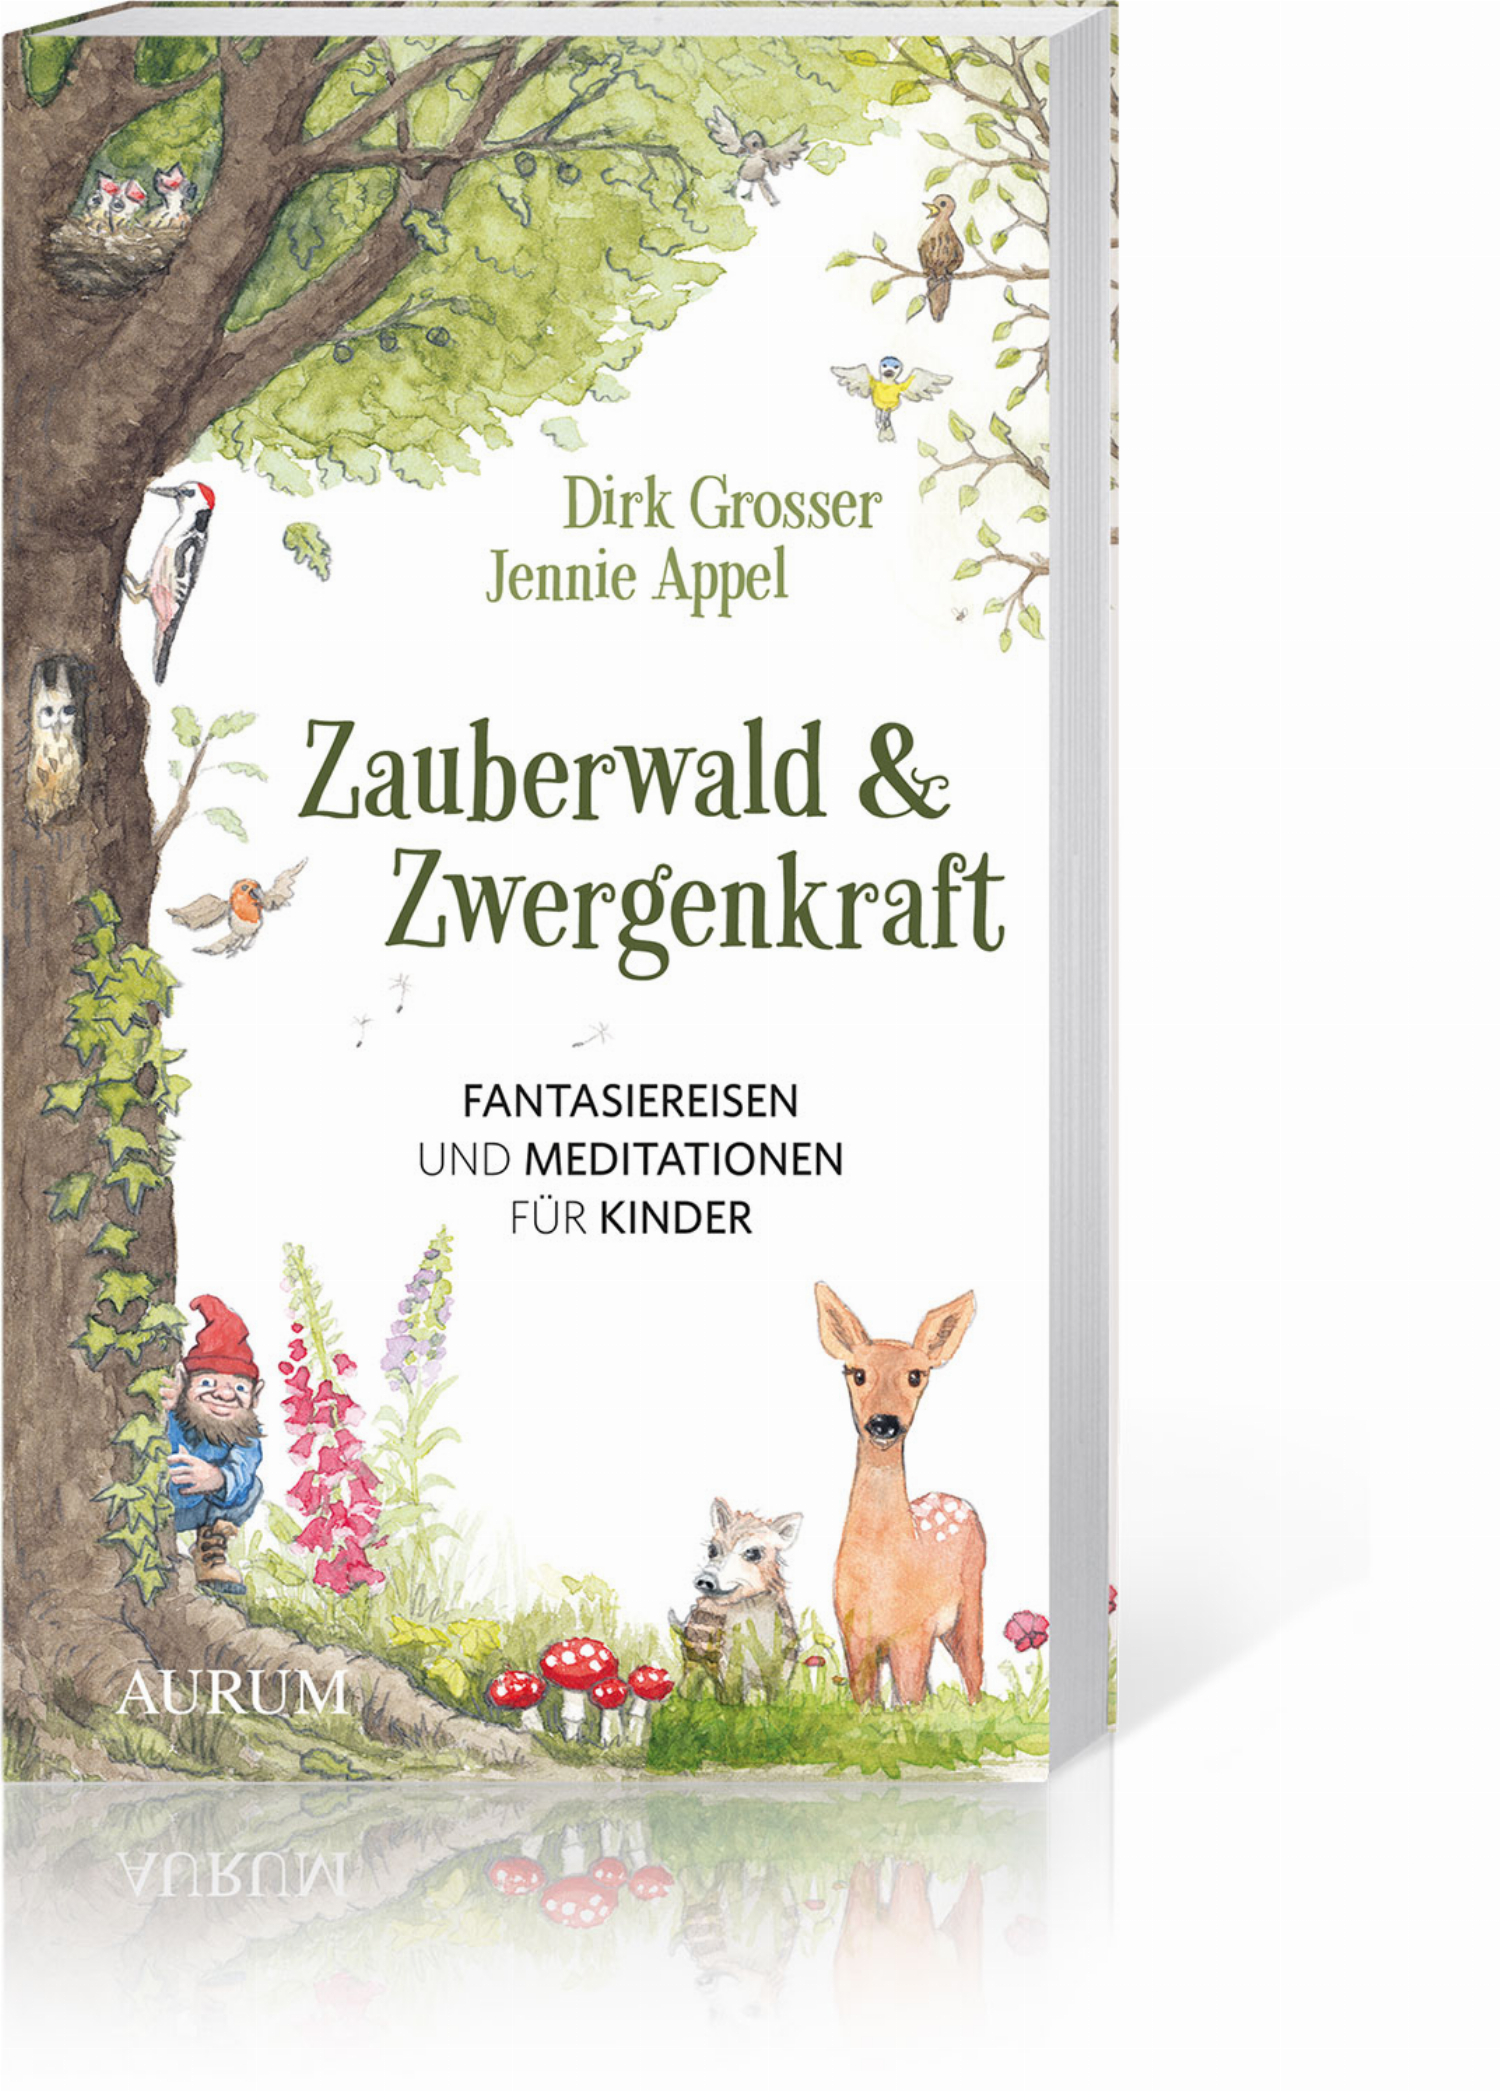 Zauberwald & Zwergenkraft, Produktbild 1